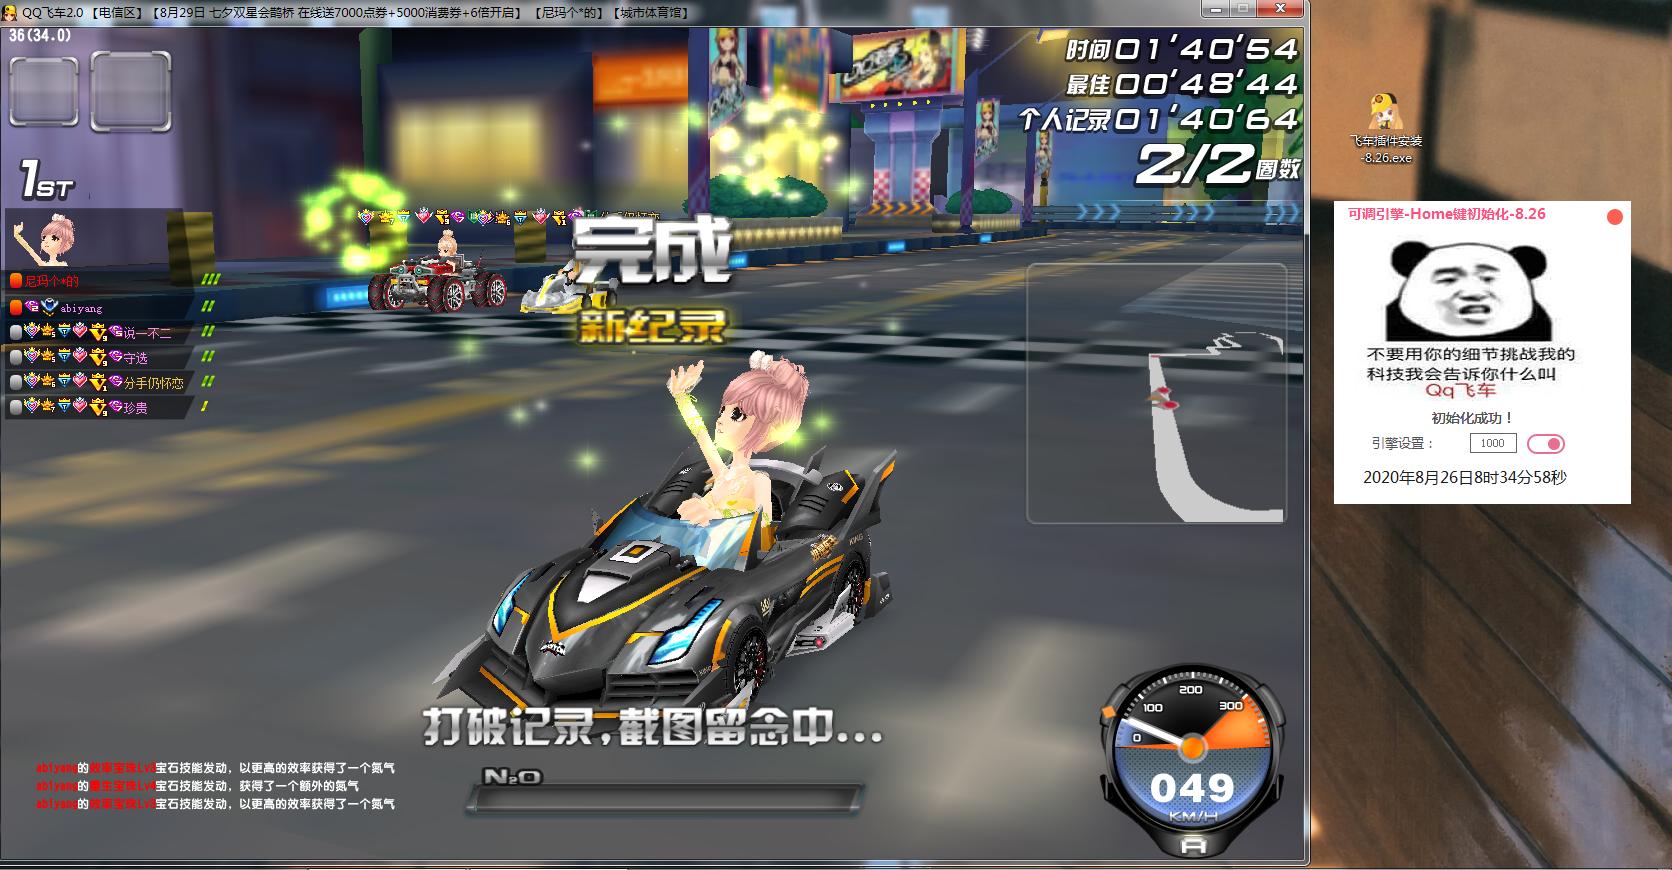 QQ飞车可调引擎插件注入多功能辅助8.26更新